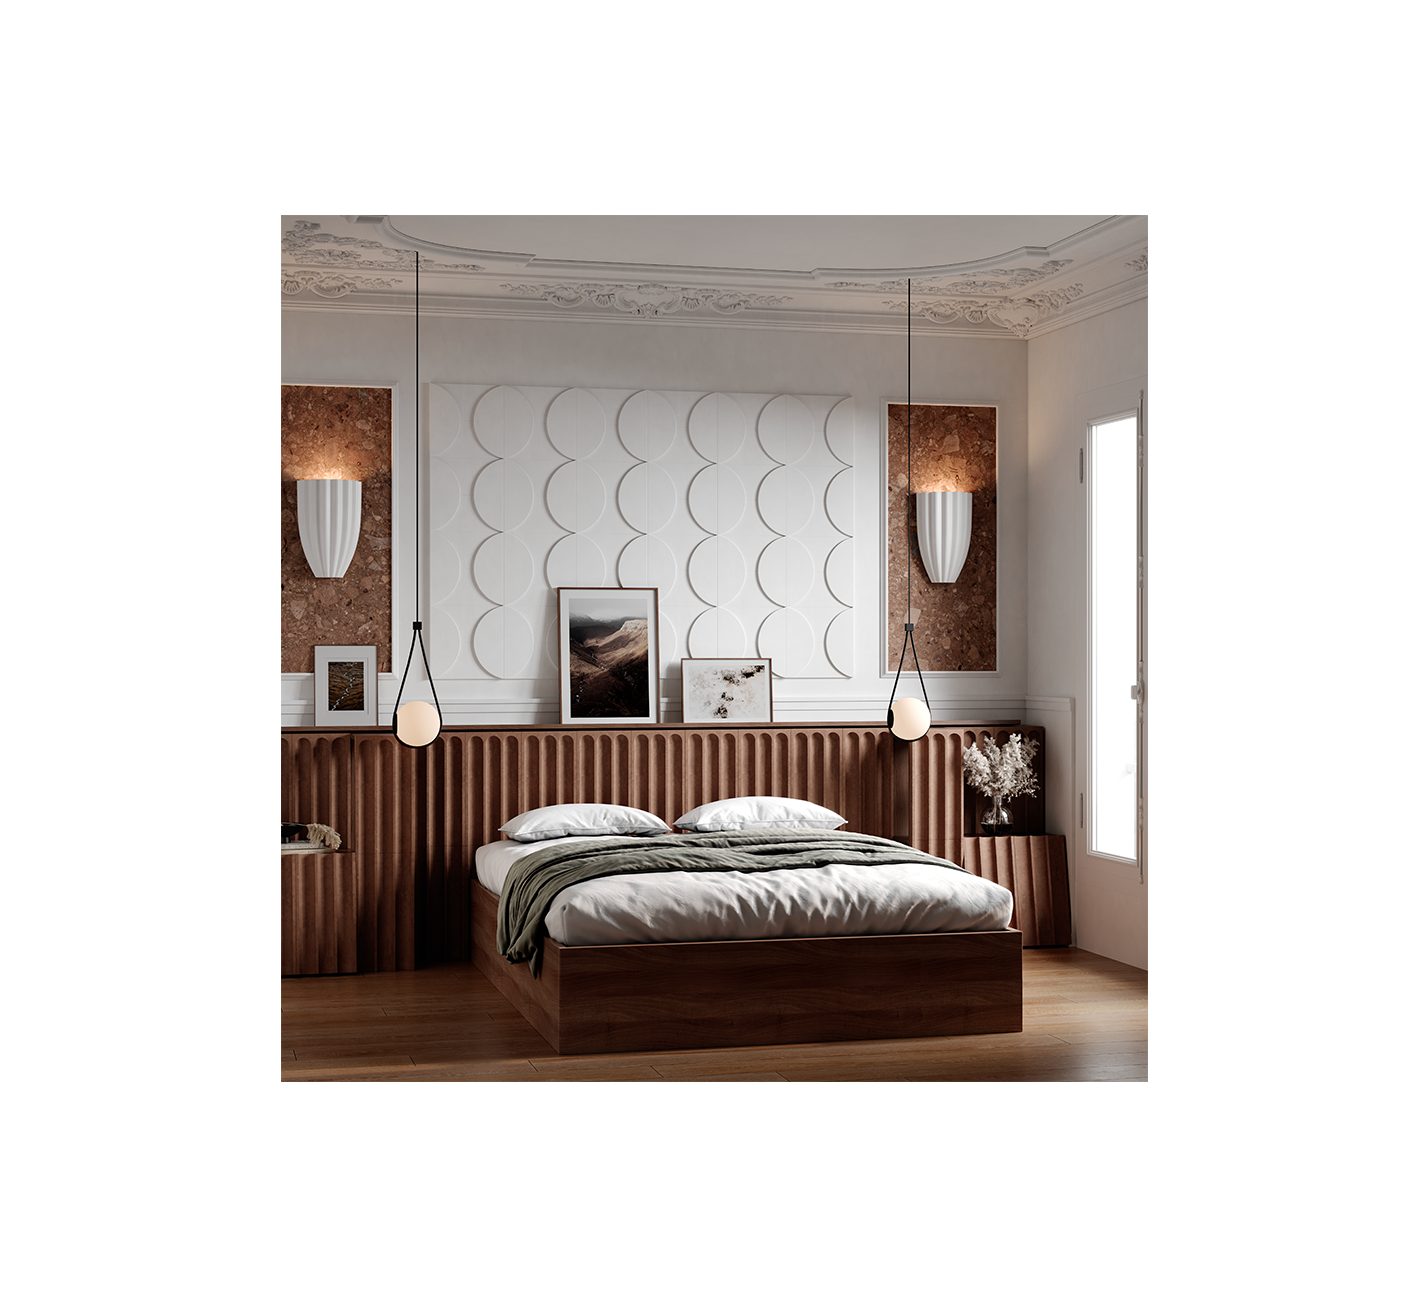 Appartement-Mansart-paris-rénovation-architecture-paris-construction-atelier-steve-pauline-borgia-04